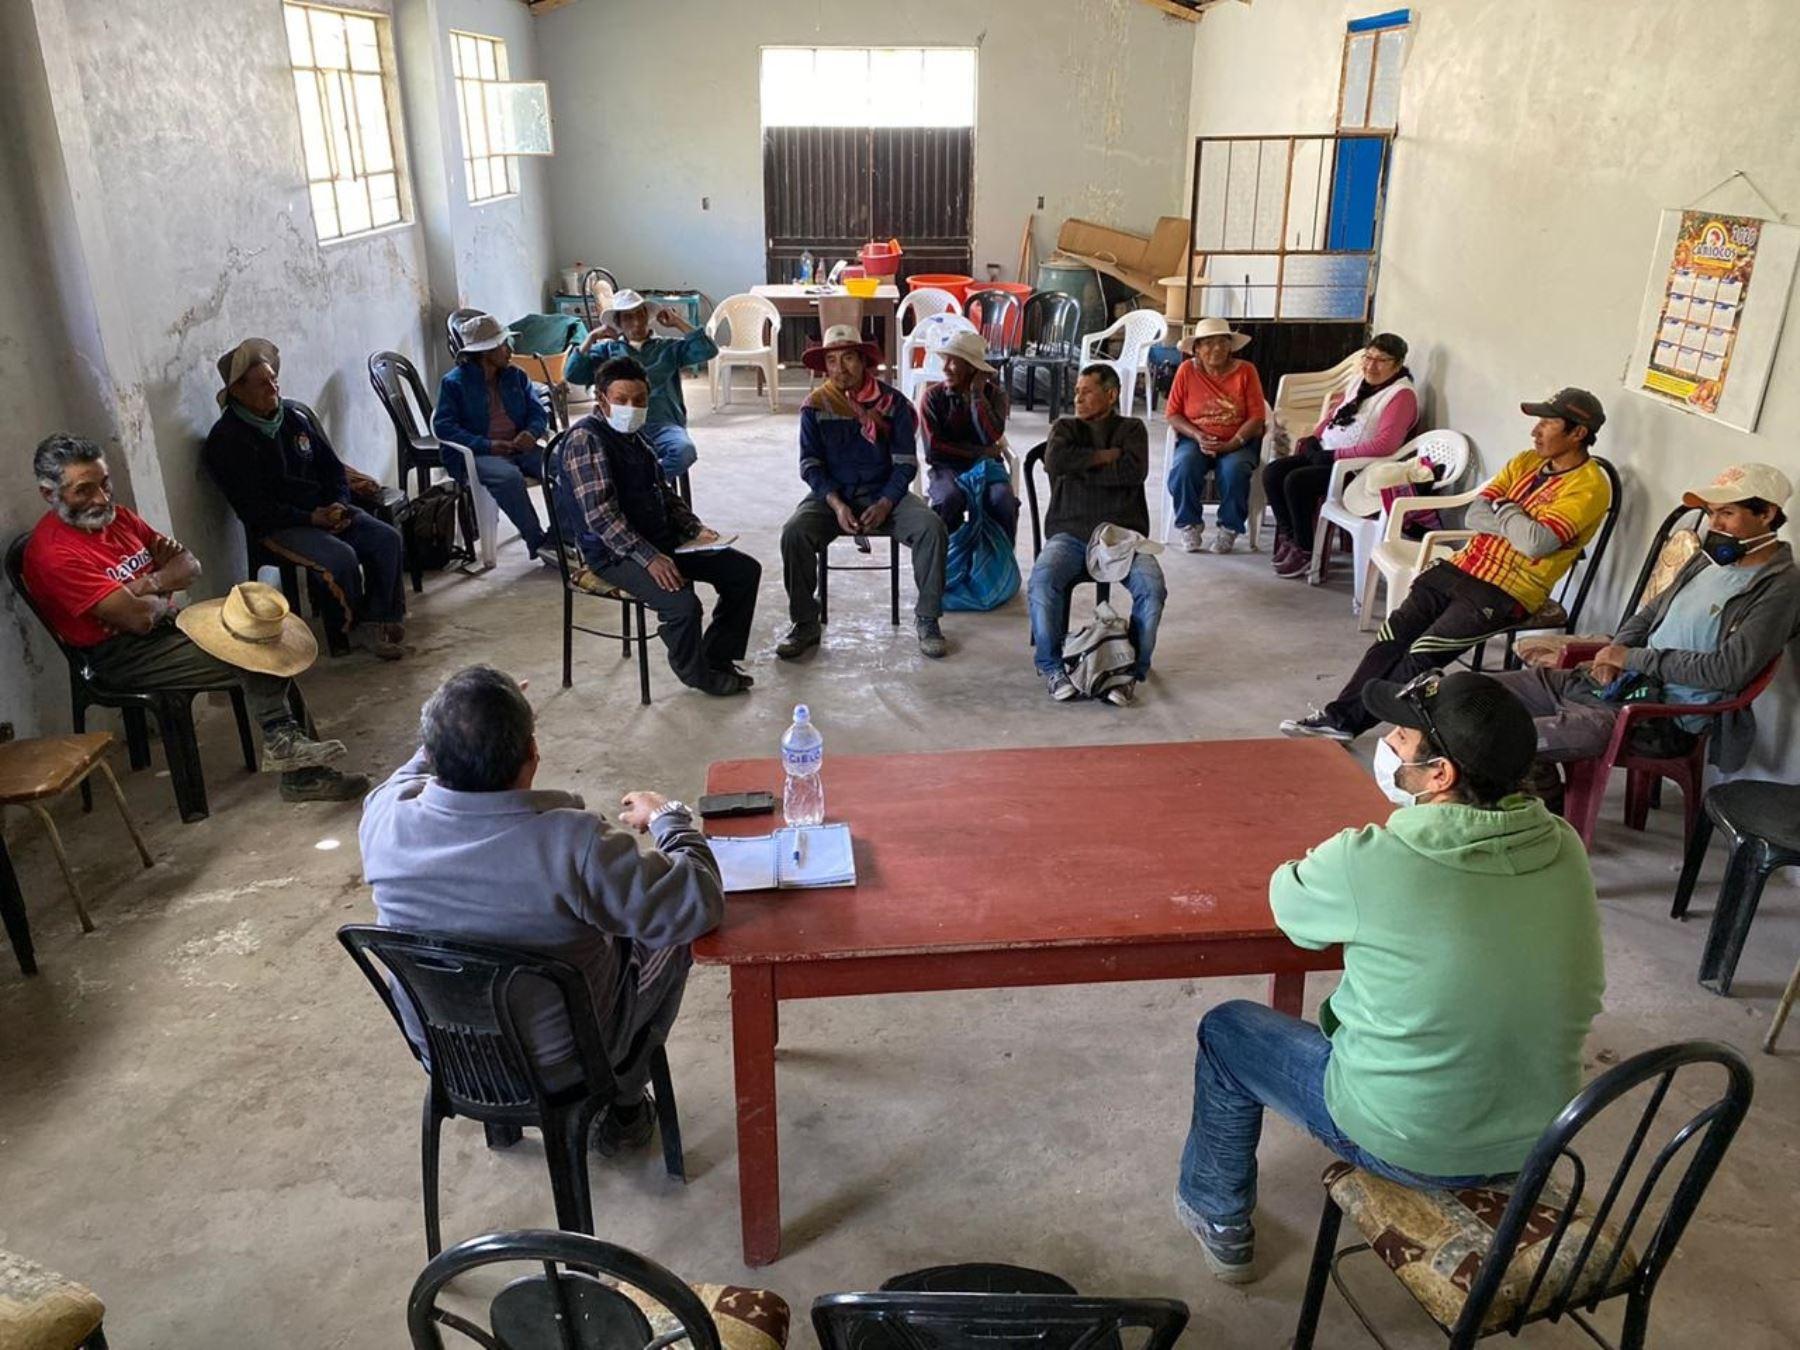 Conoce la plataforma digital que conecta a pequeños emprendedores de la provincia de Caylloma, en Arequipa, con el mundo y que se vieron afectados por el impacto del coronavirus. Foto: Fundación Telefónica